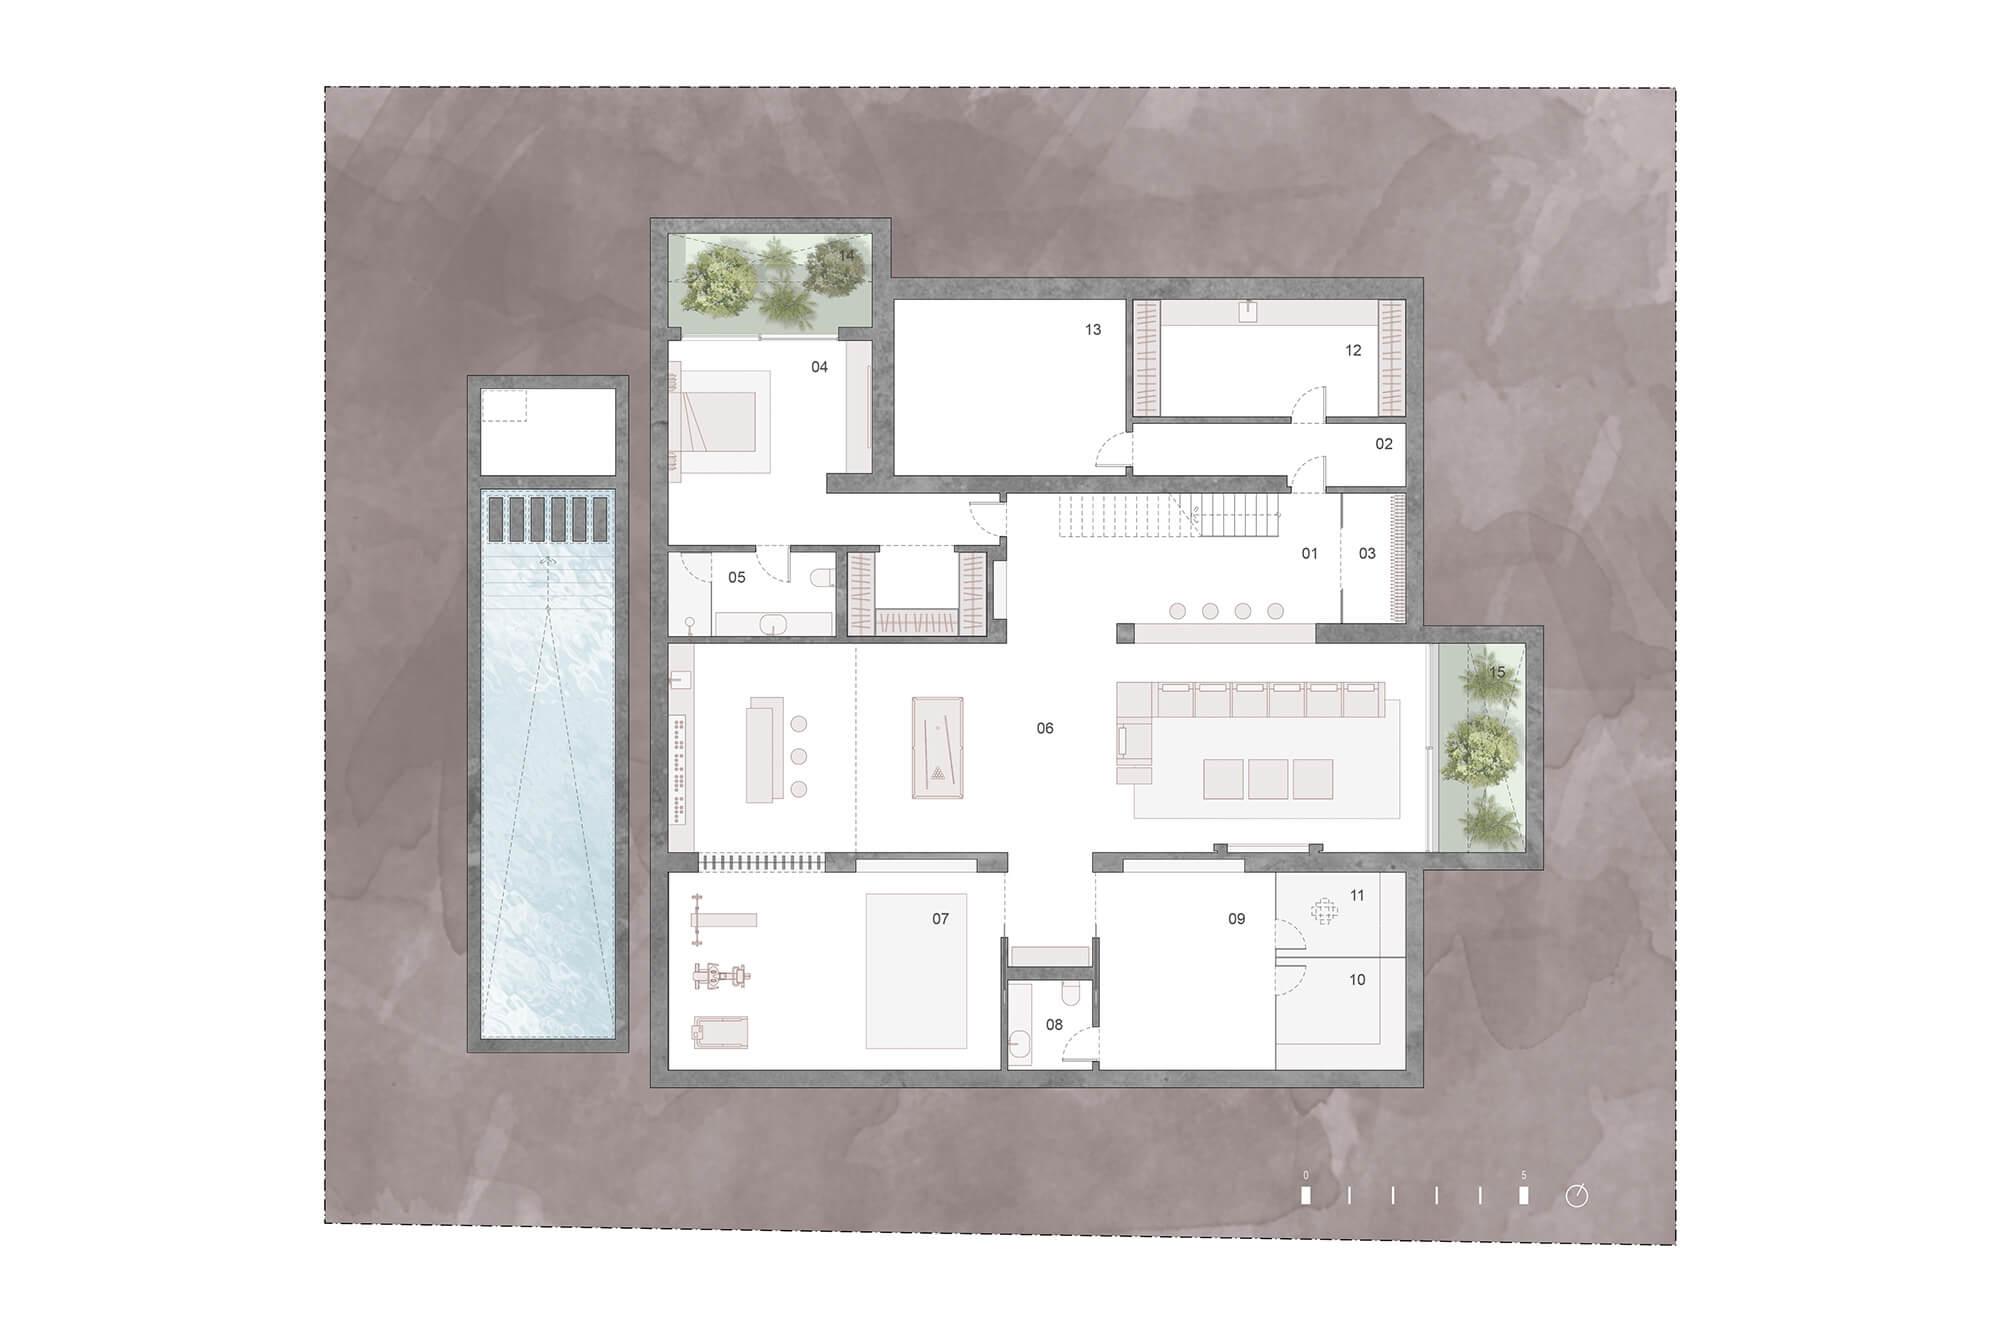 cortijo blanco beach villa vamoz te koop marbella costa del sol spanje nieuwbouw grondplan 1 kelder